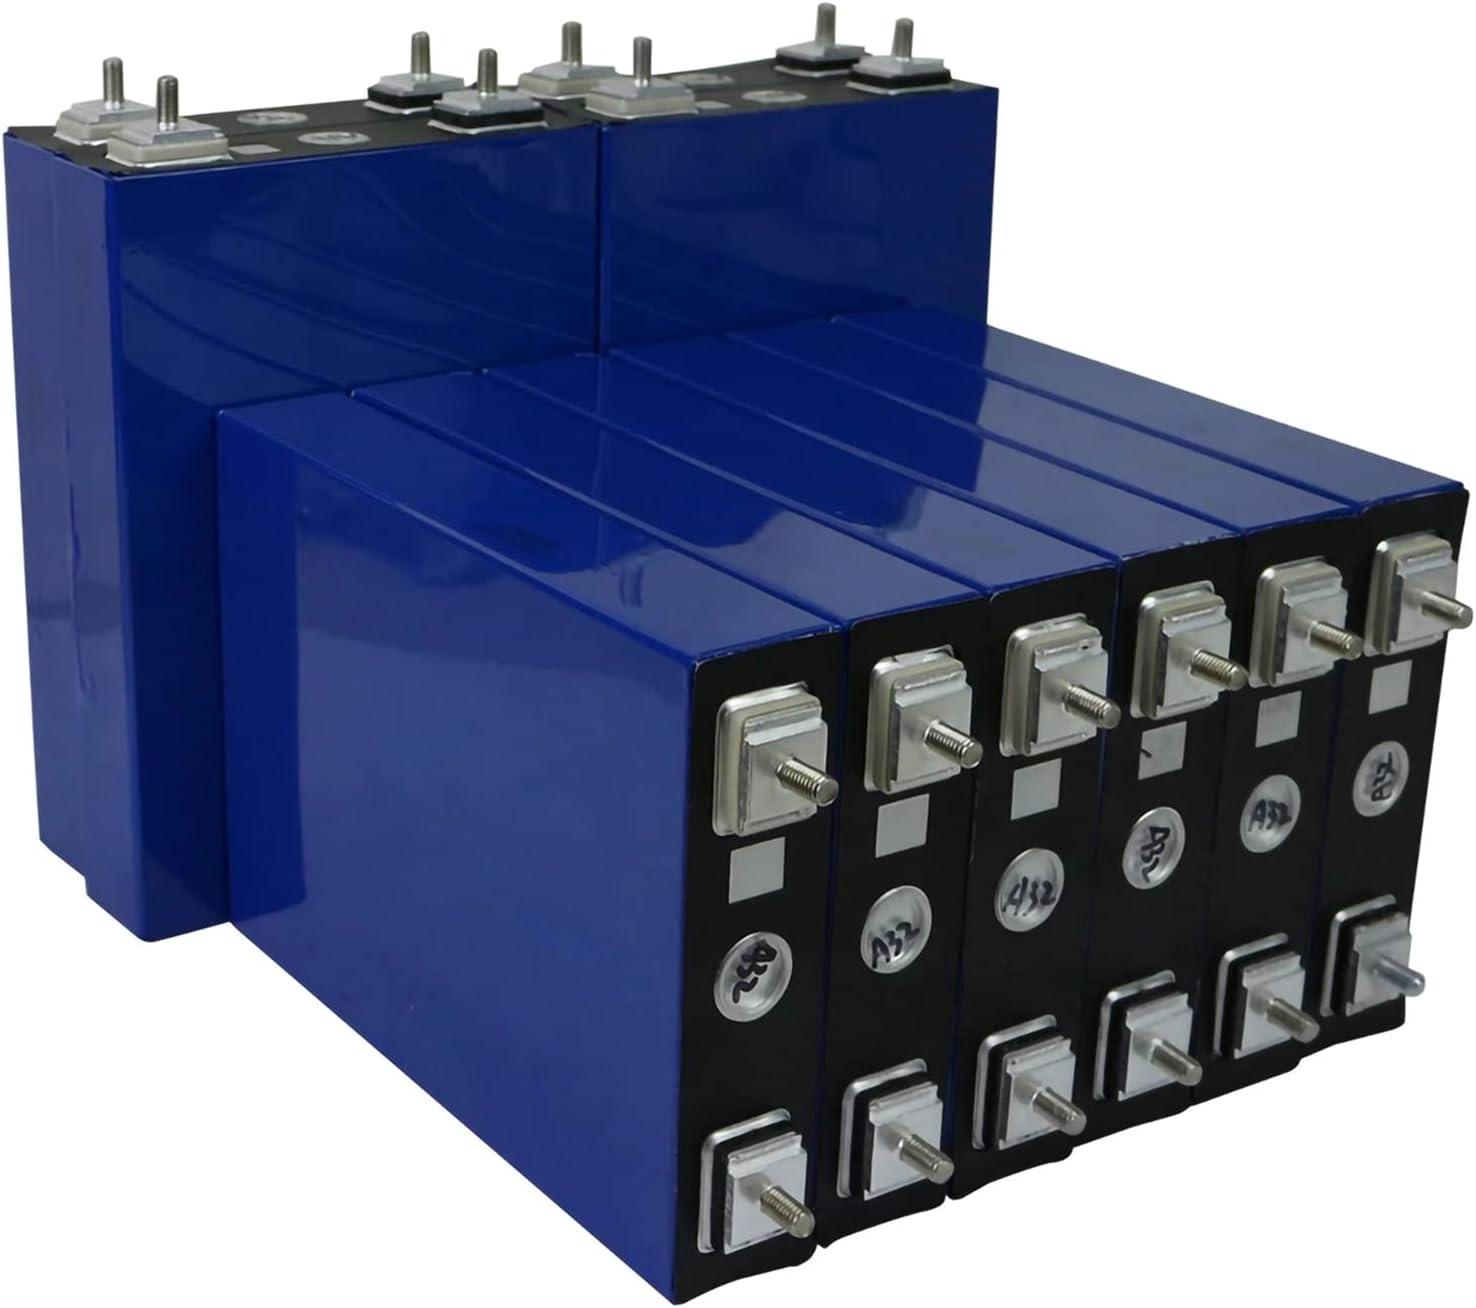 VARADOMO Nuevo 3.2V 100AH LIFEPO4 BATERÍA DIY 12V 24V 100AH Paquete de baterías Recargables para automóviles eléctricos RV Energía Solar Free,4pcs